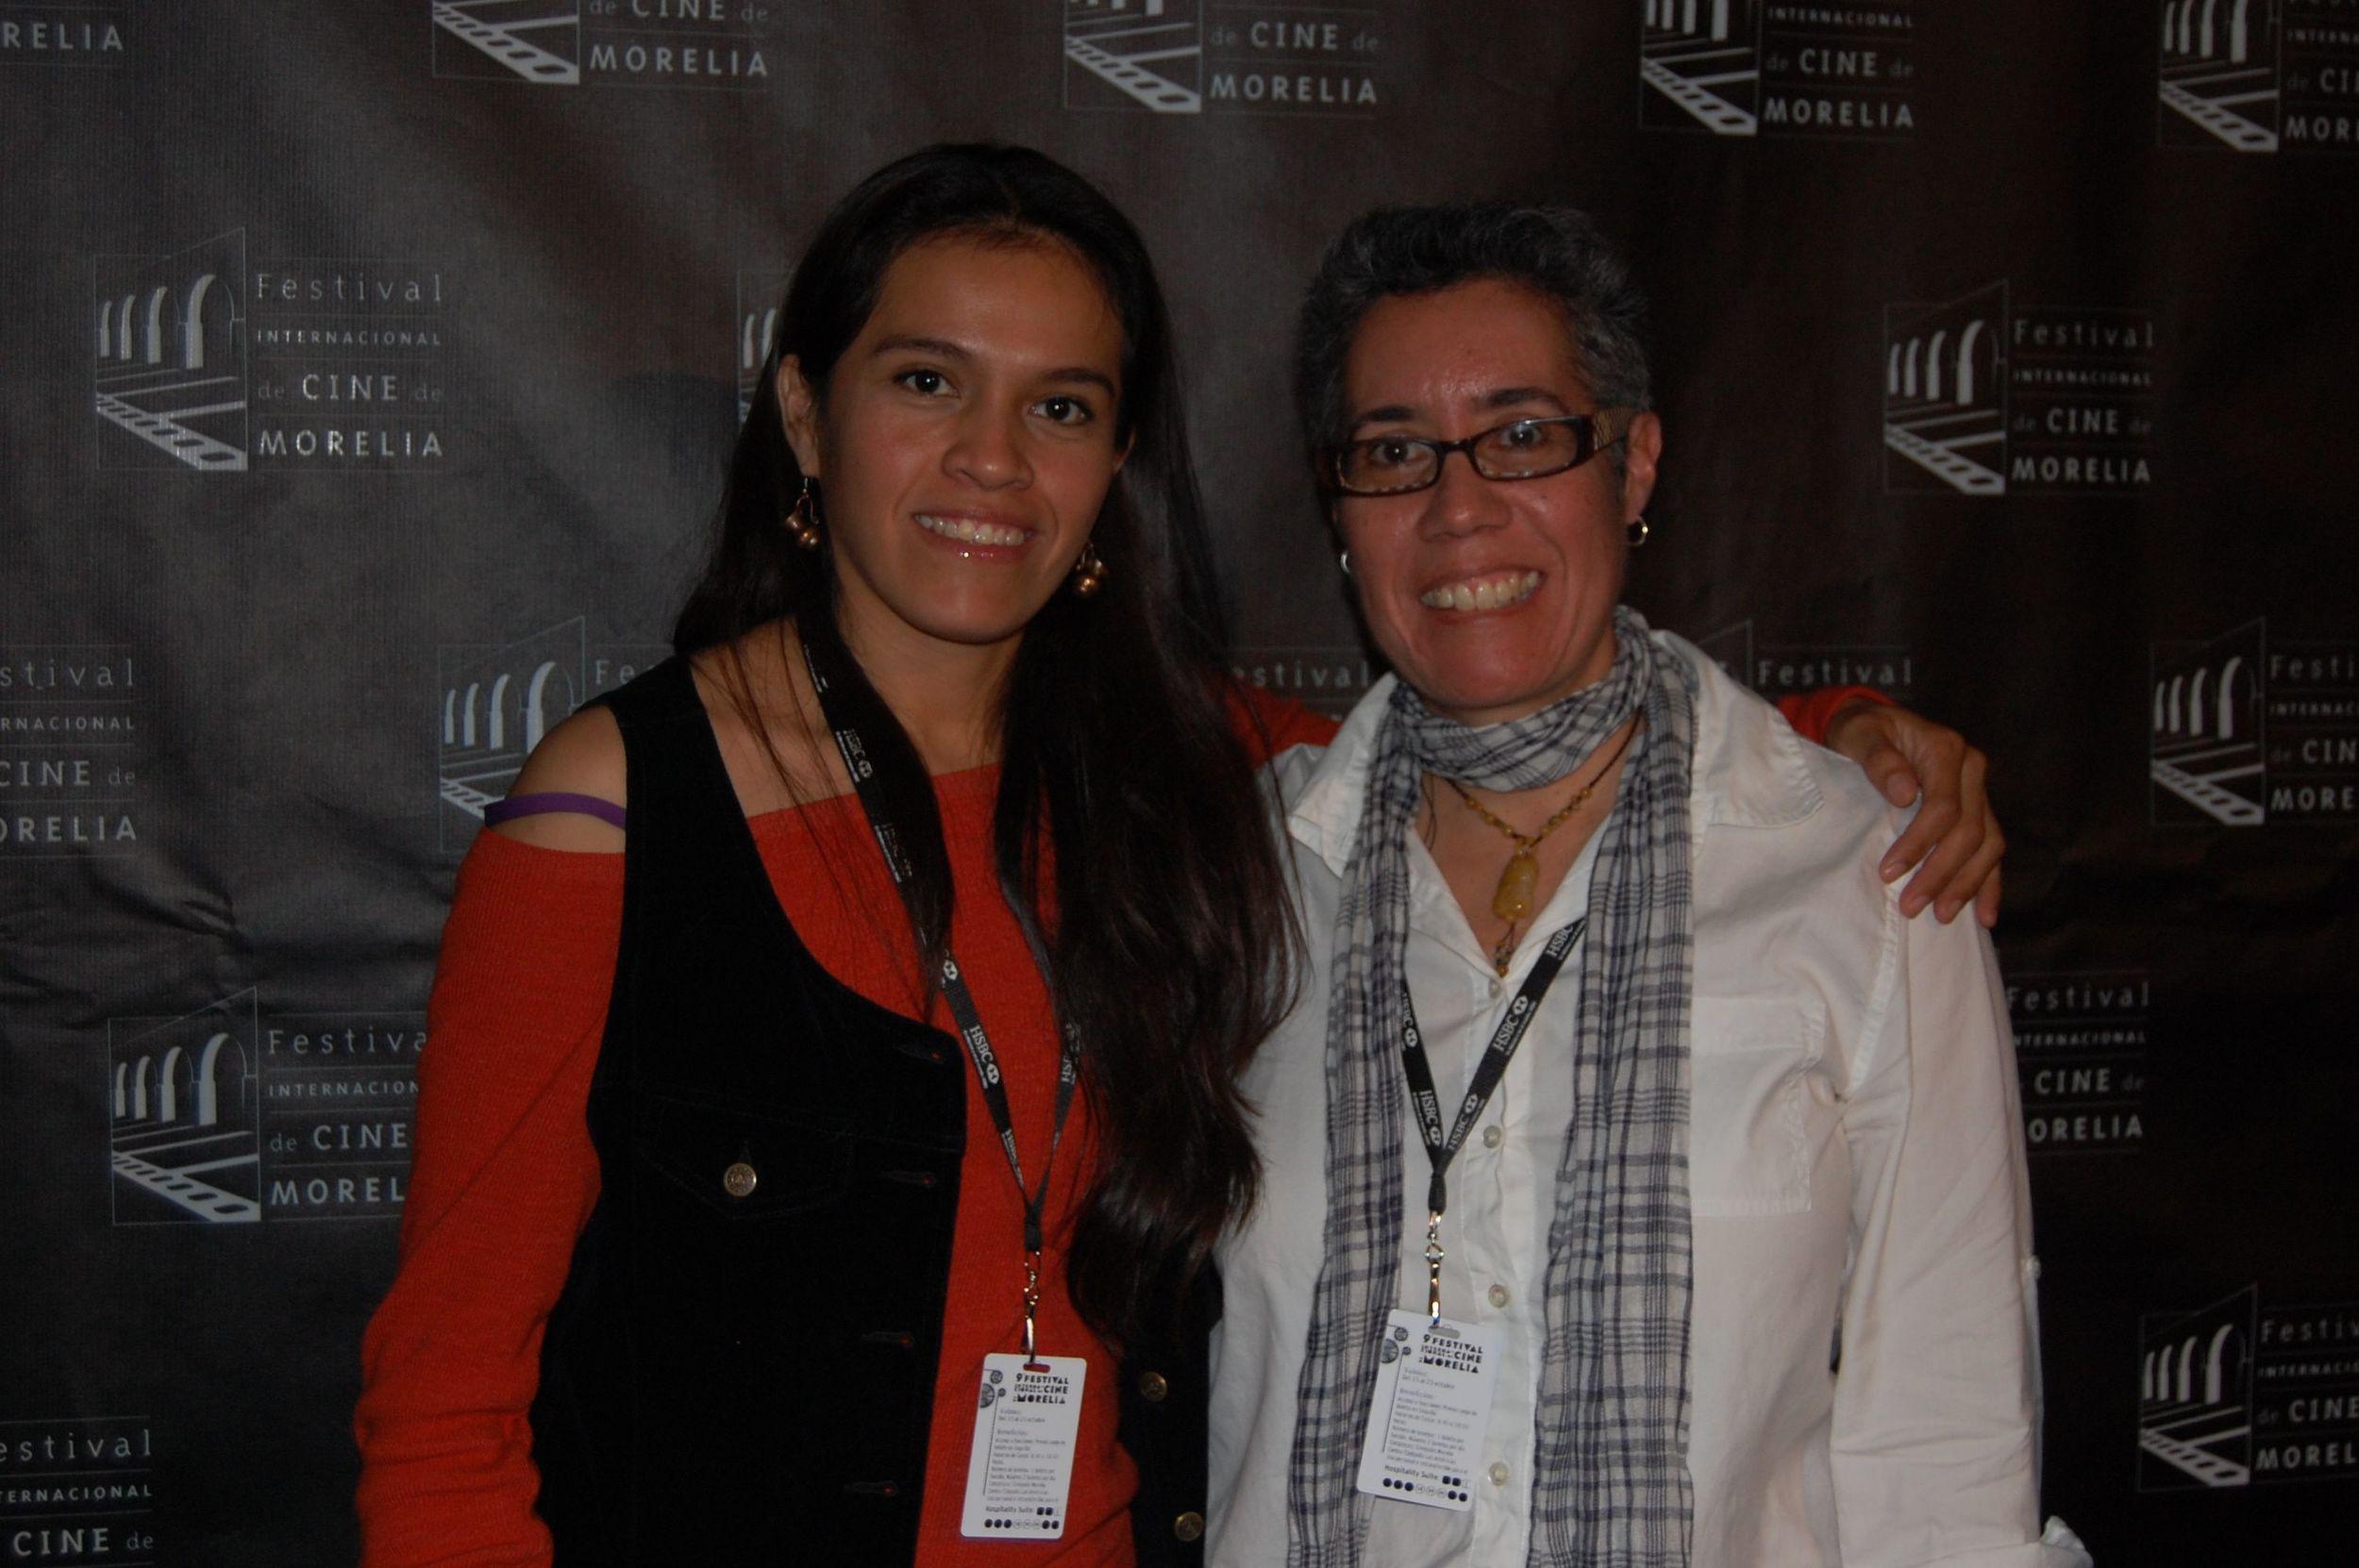 Miriam Balderas and Cristina at the Morelia International Film Festival for screening of  Despertar .